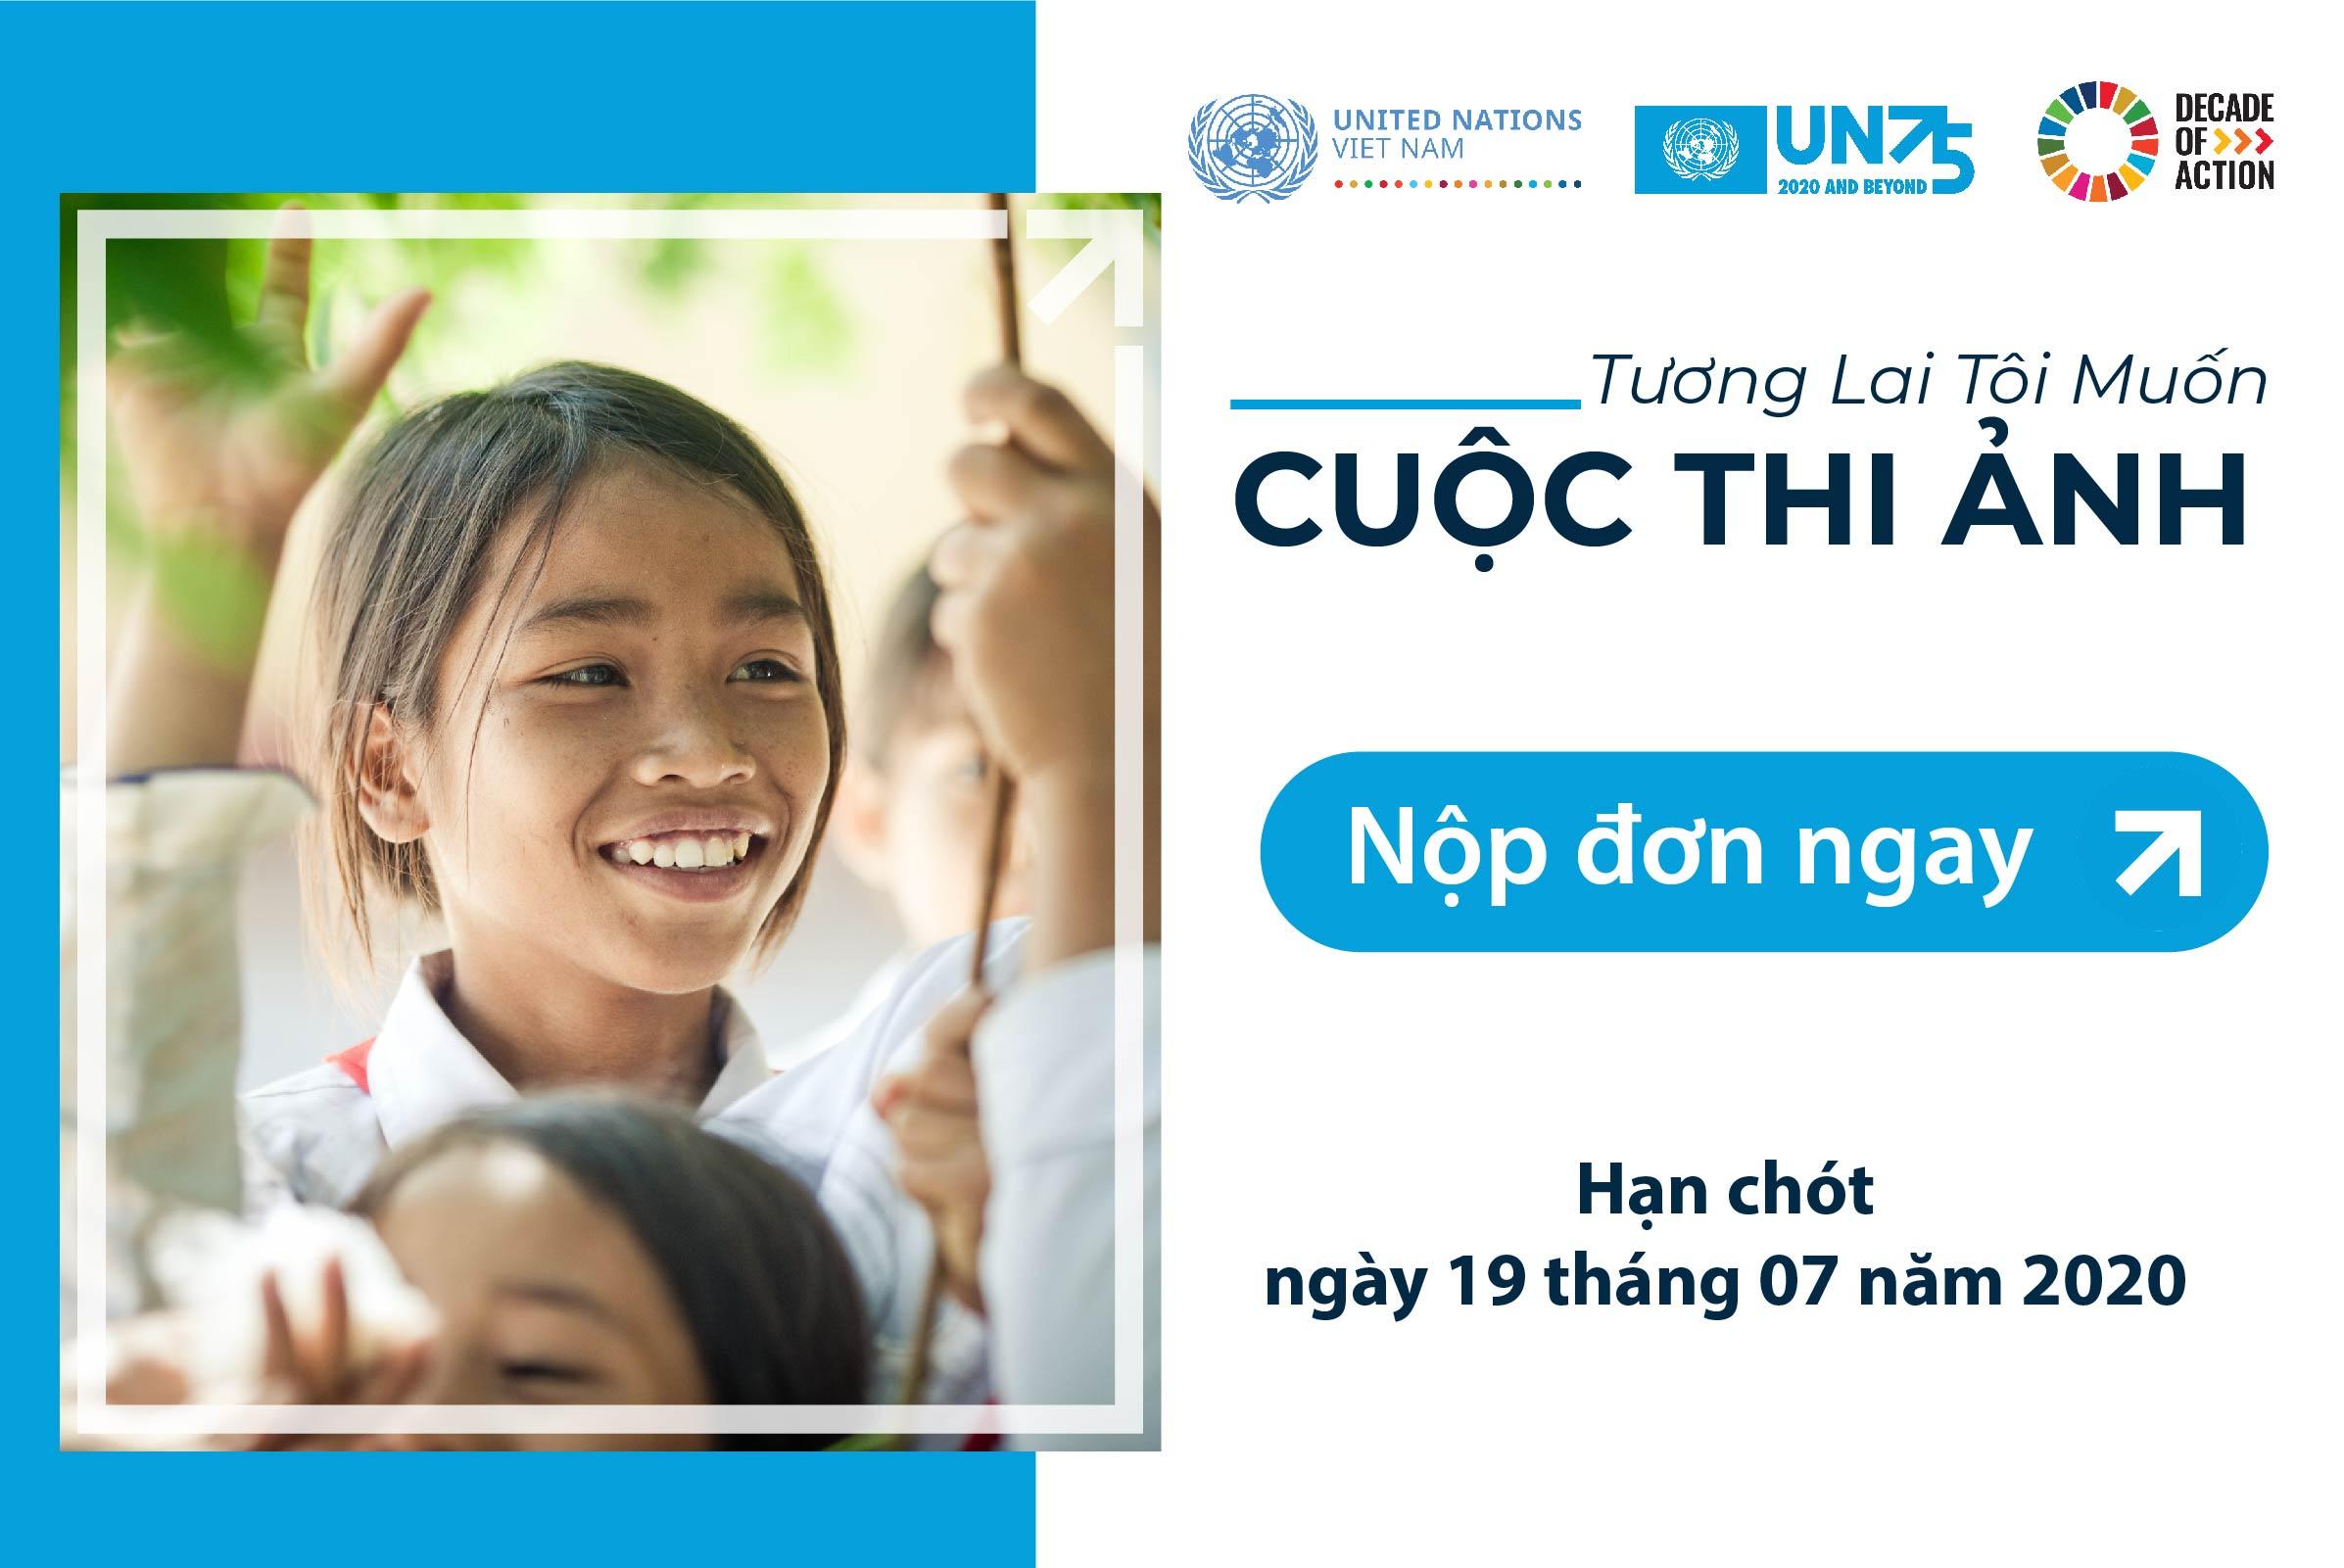 UN75 Photo Contest: The Future I Want